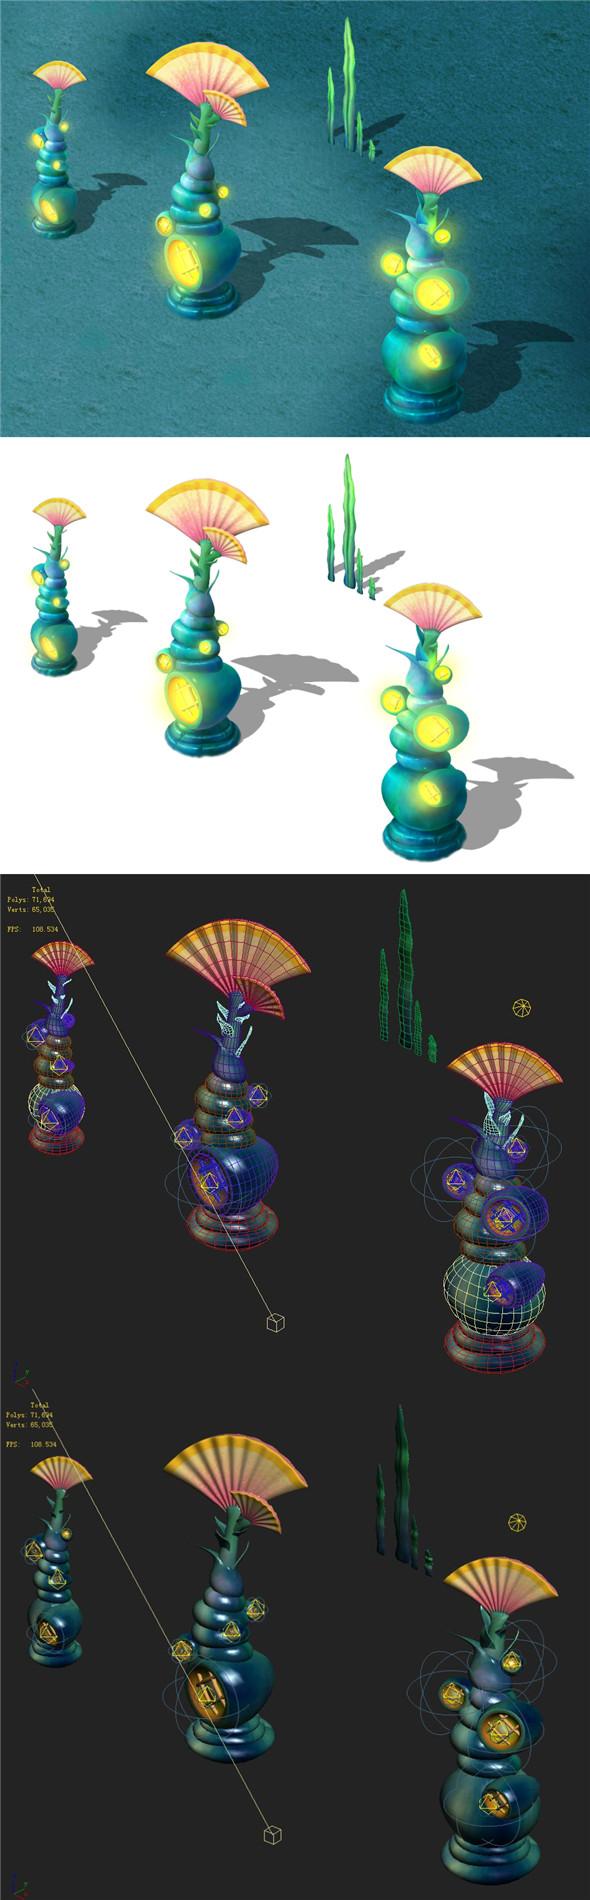 Submarine cartoon world - sea elves lighthouse - 3DOcean Item for Sale